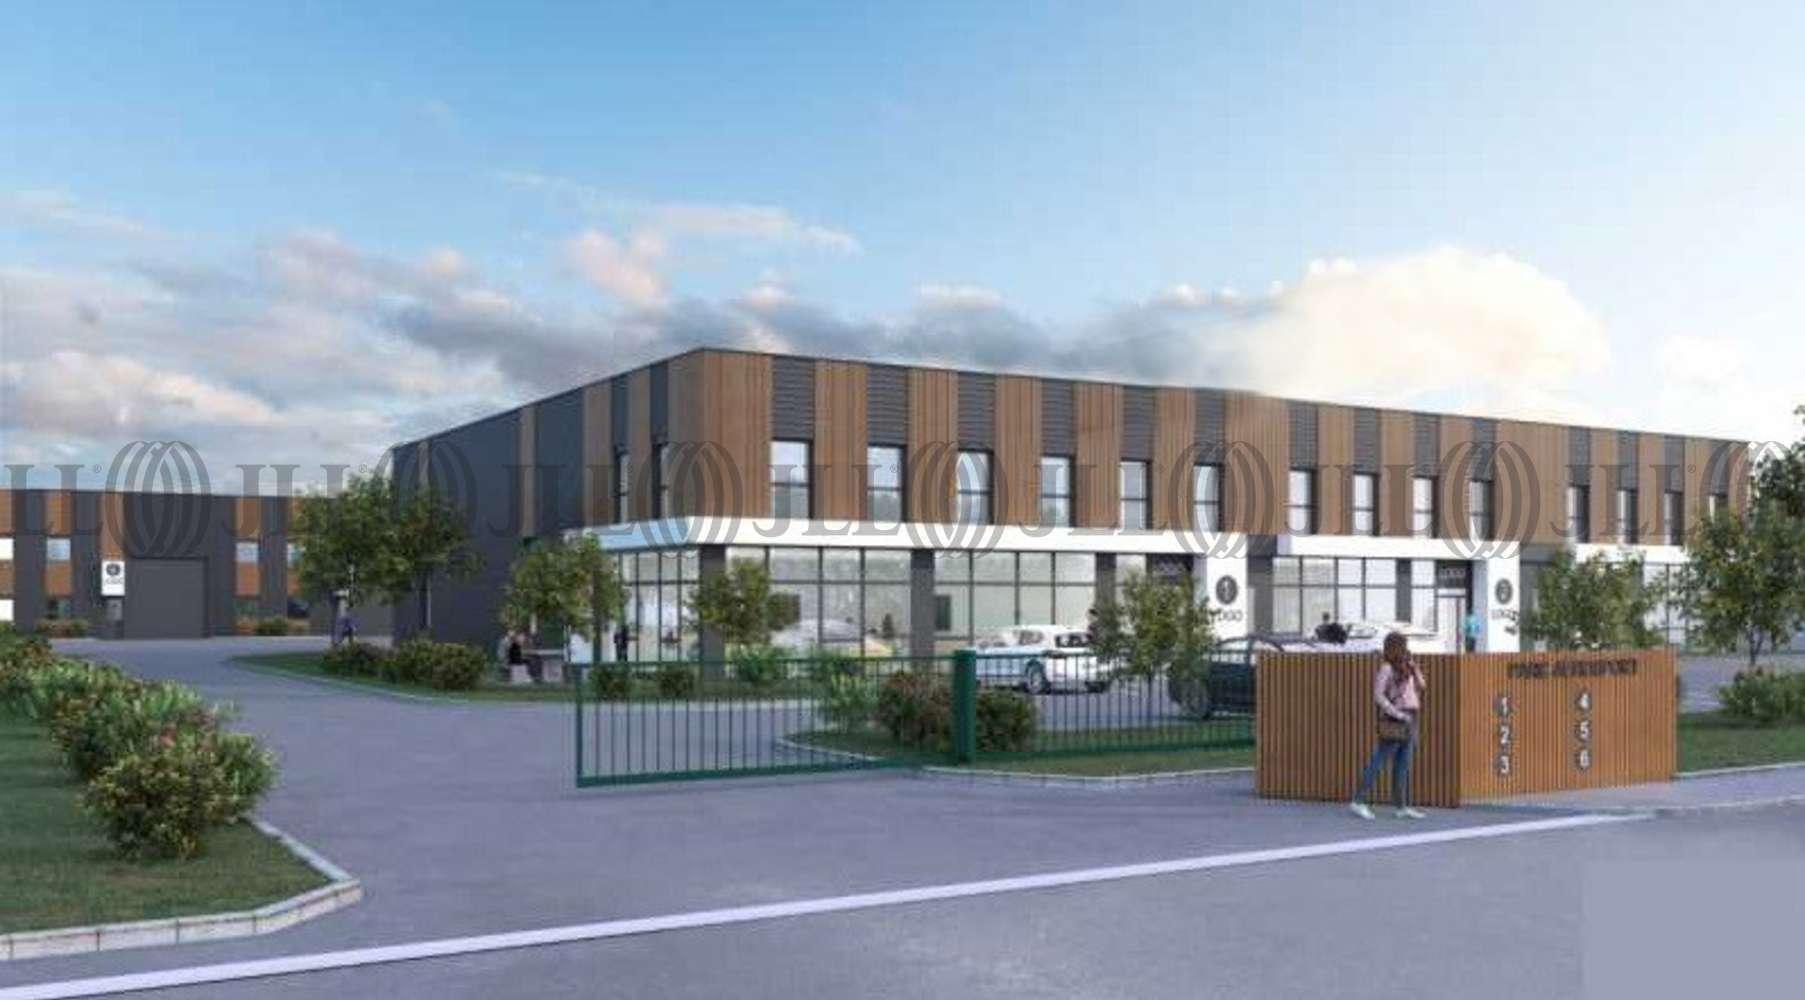 Activités/entrepôt Villefranche sur saone, 69400 - PARC AEROSPORT